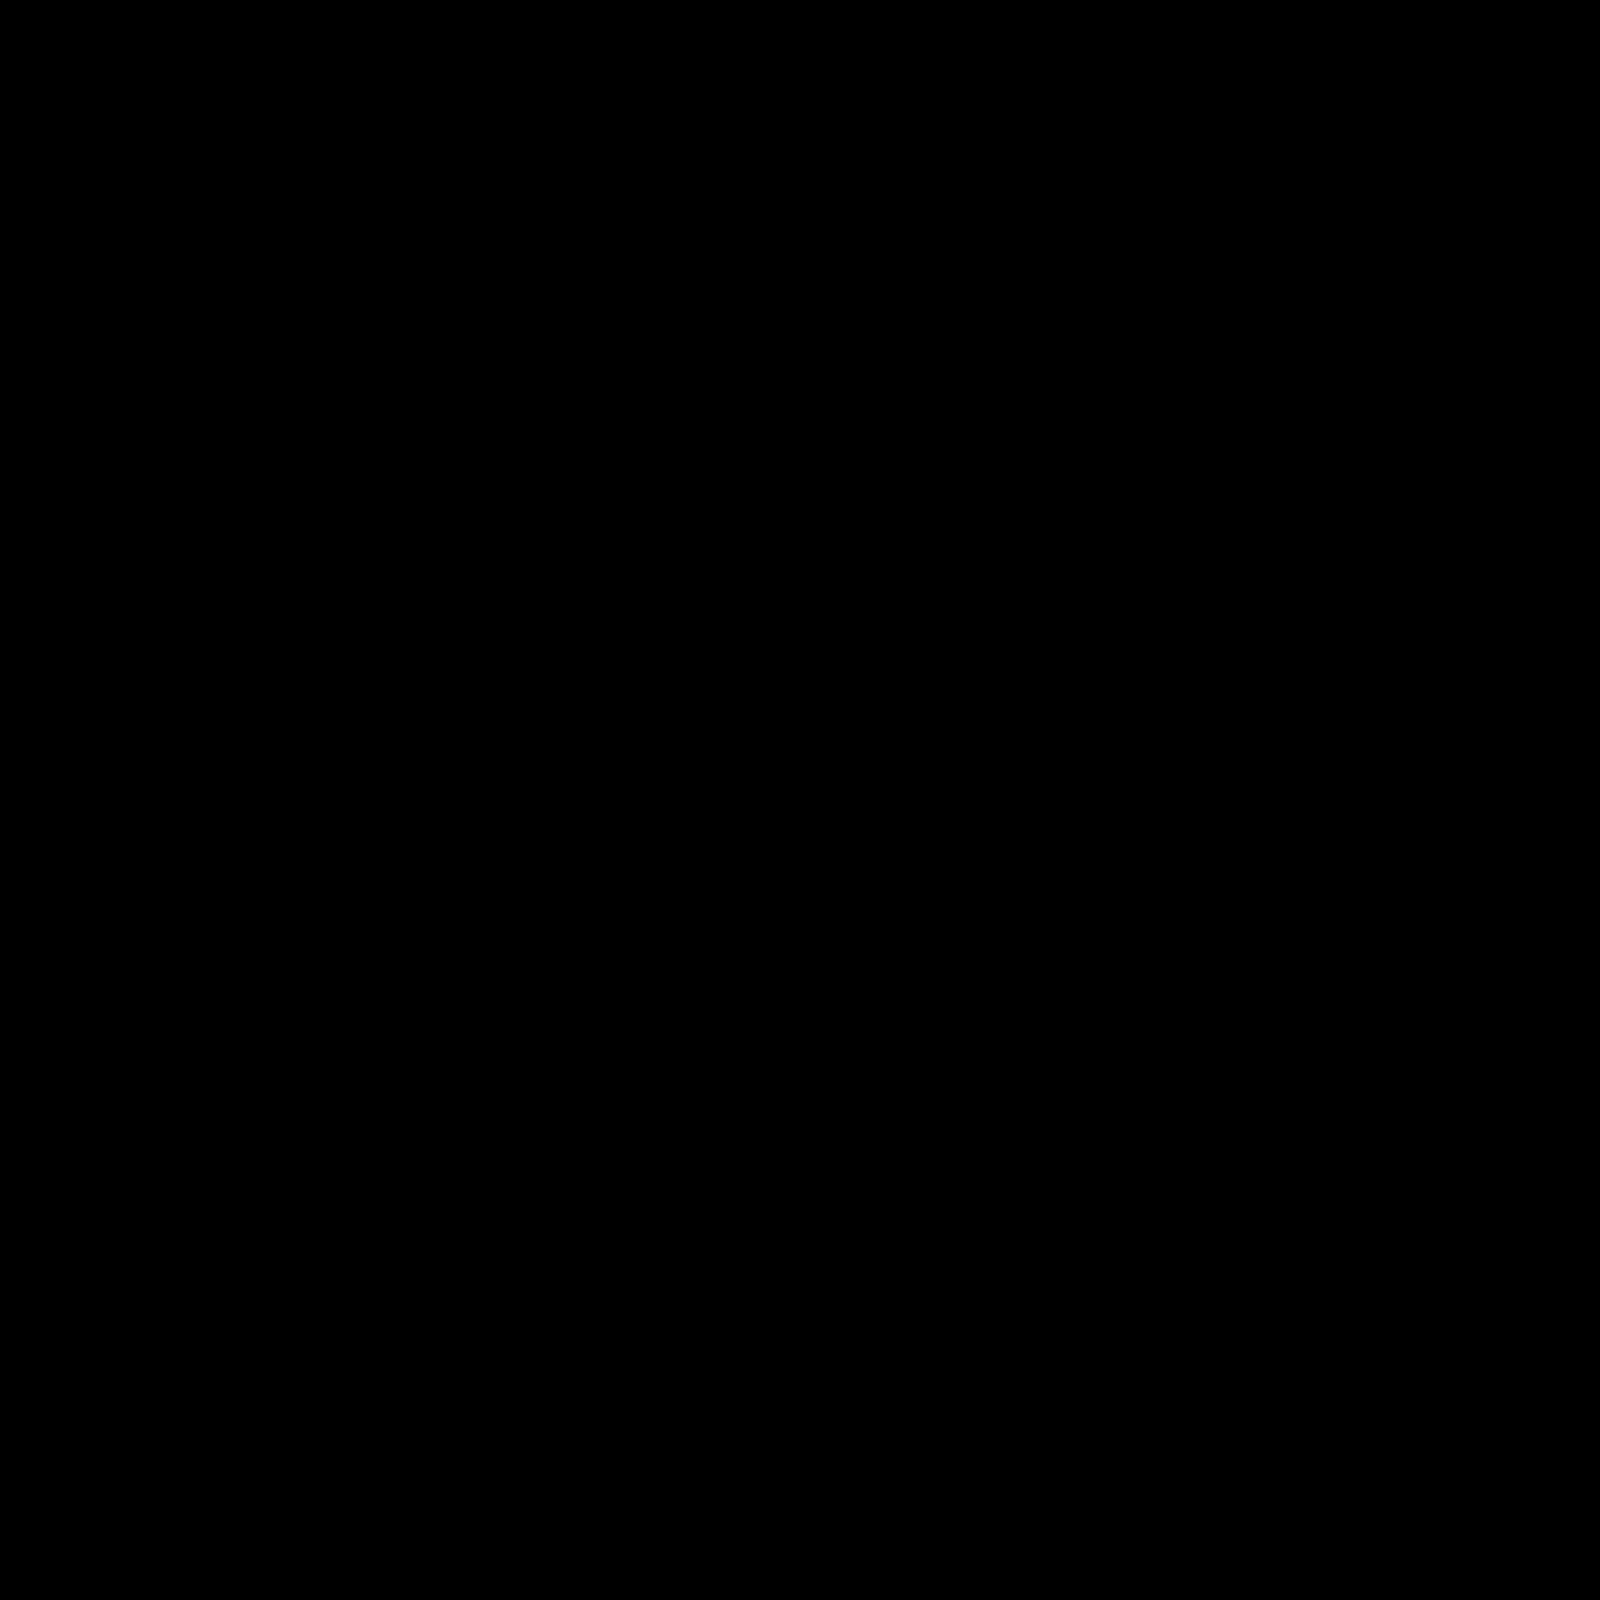 Ethics icon